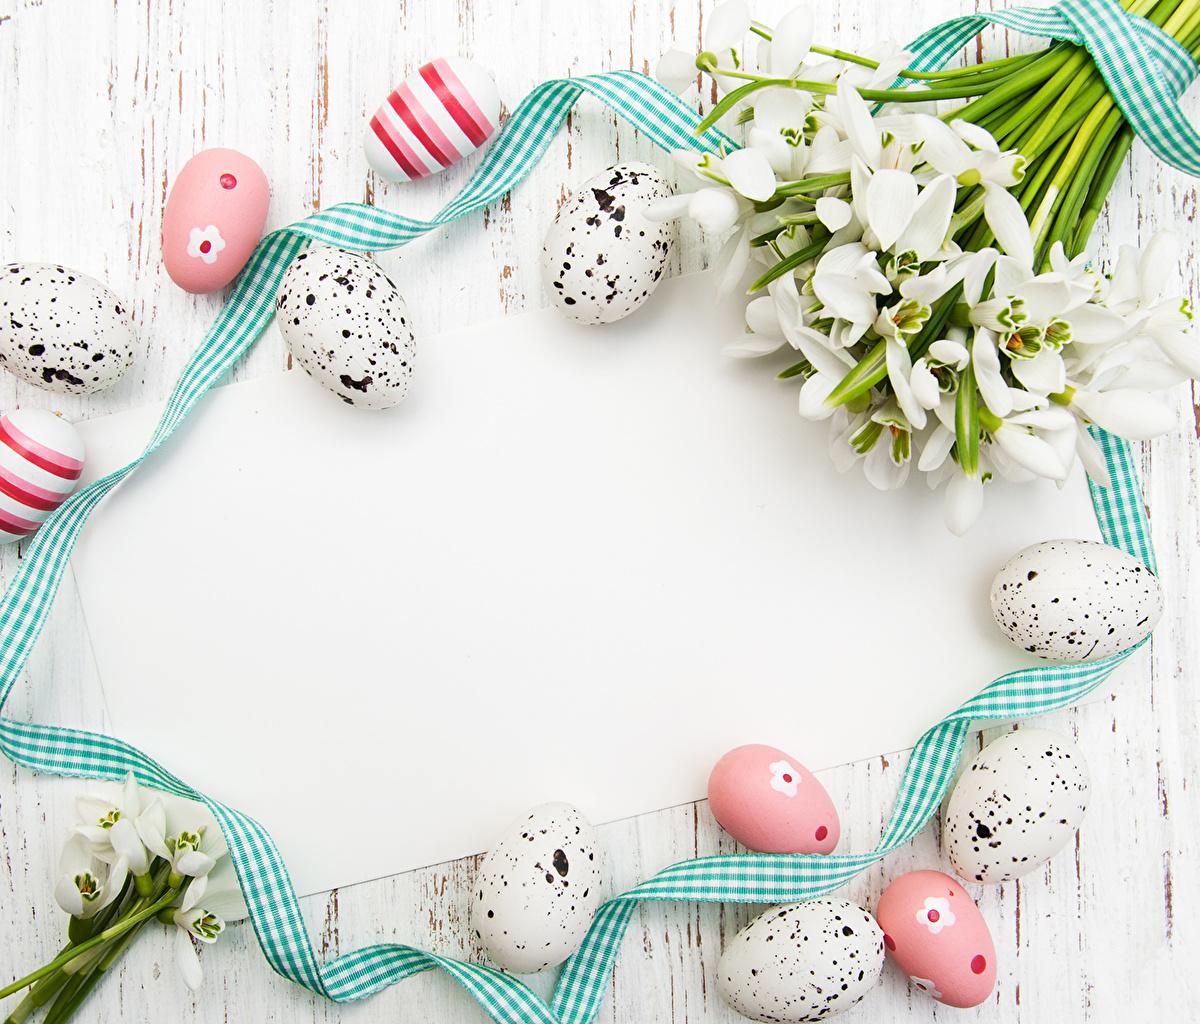 Обои для рабочего стола Пасха яйцами цветок Подснежники Лента Праздники яиц яйцо Яйца Цветы Галантус ленточка